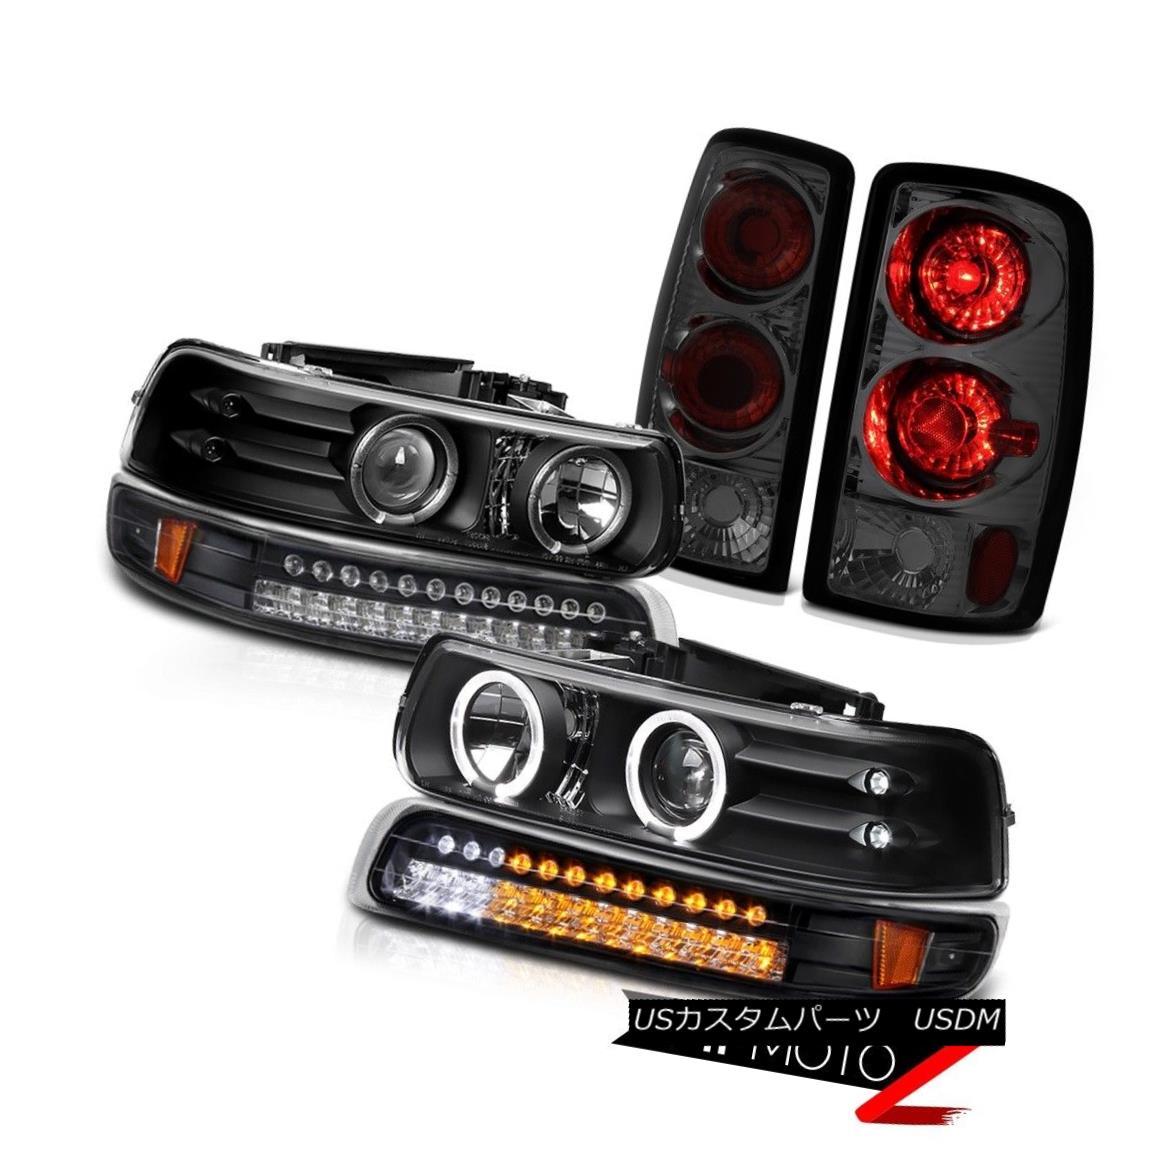 テールライト 2000-2006 Suburban 8.1L Black DRL Projector Headlamp LED Parking Brake Tail Lamp 2000-2006郊外8.1LブラックDRLプロジェクターヘッドランプLEDパーキングブレーキテールランプ